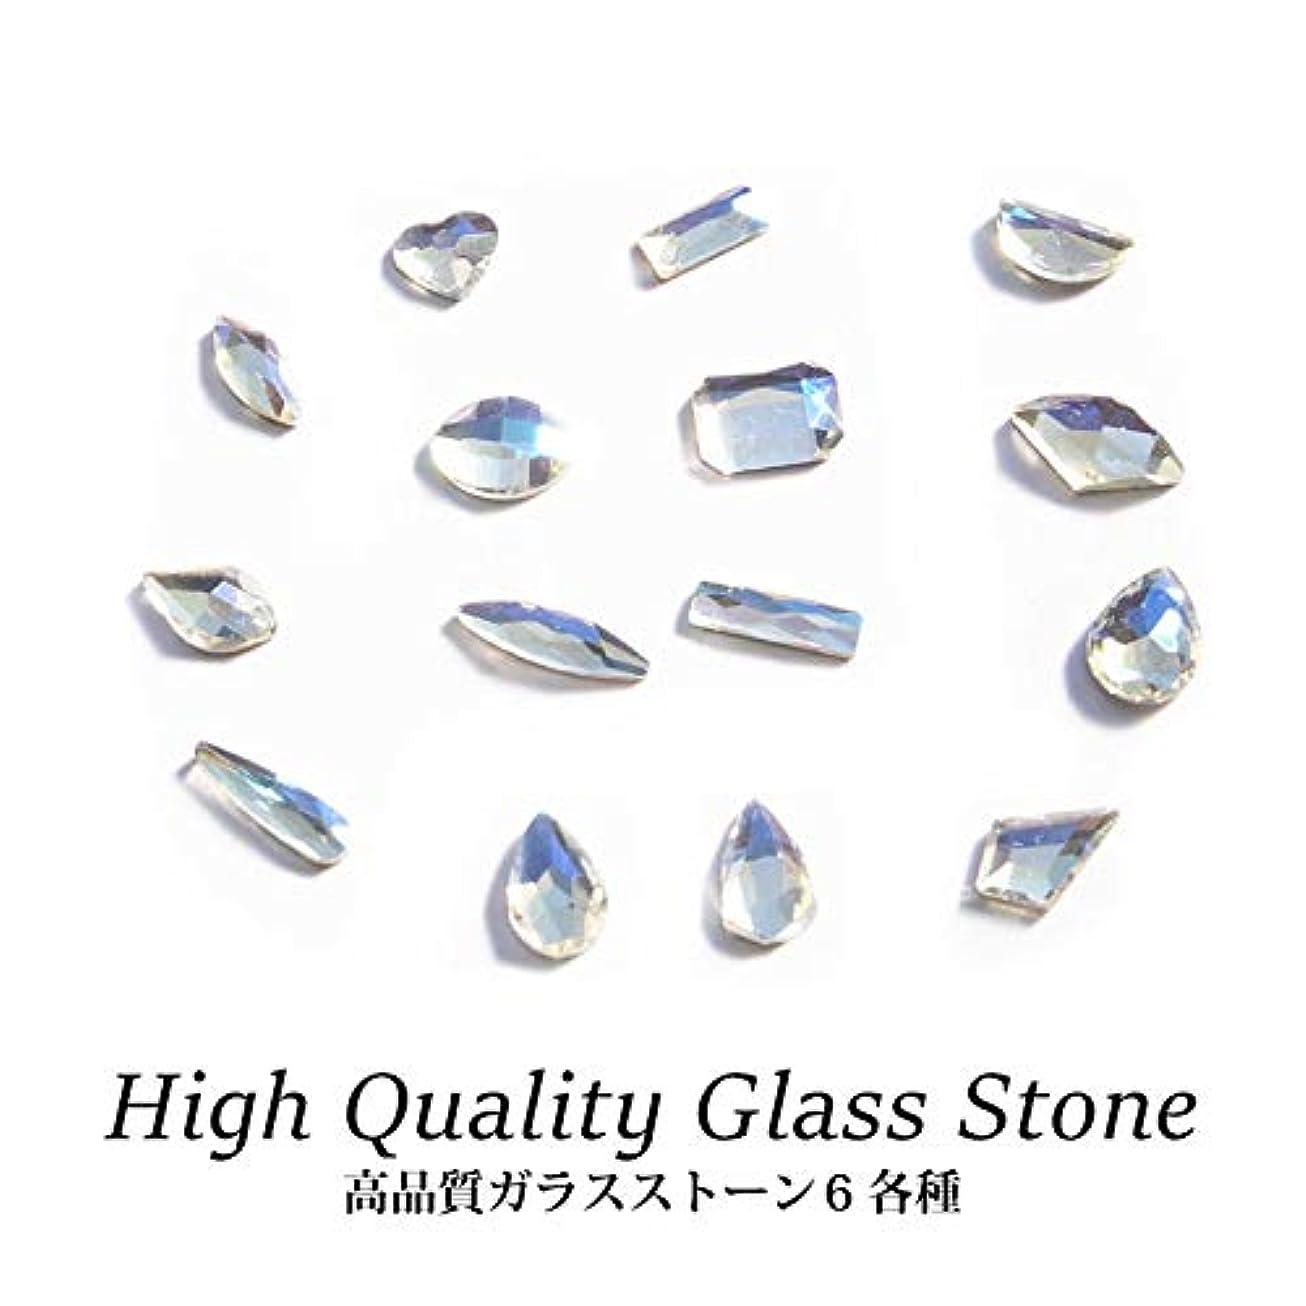 破裂堀確立ブルームーンカラーが魅惑的なクリスタルストーン! 高品質 ガラスストーン 6 各種 5個入り (6.ティア 5×8mm)